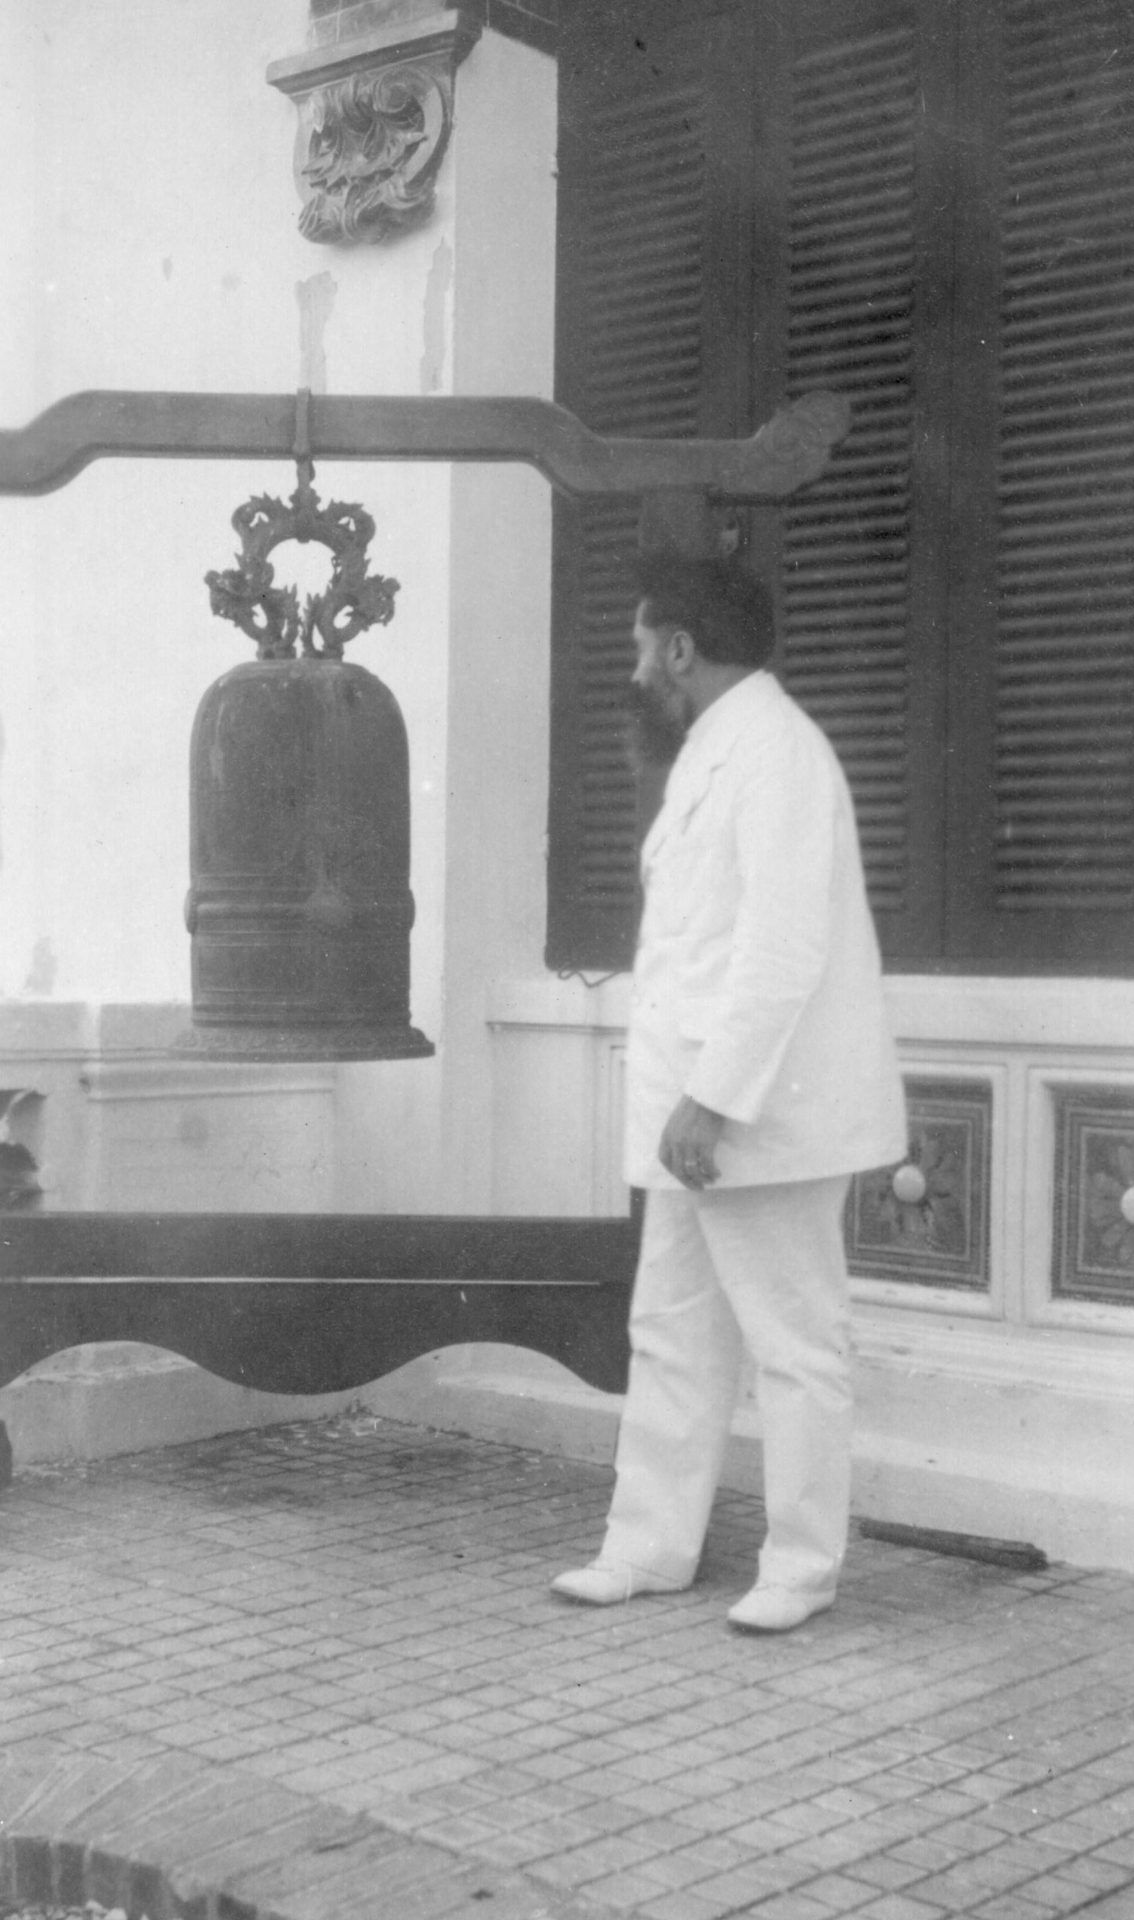 Alexandre Varenne - Cap Saint Jacques - 1925